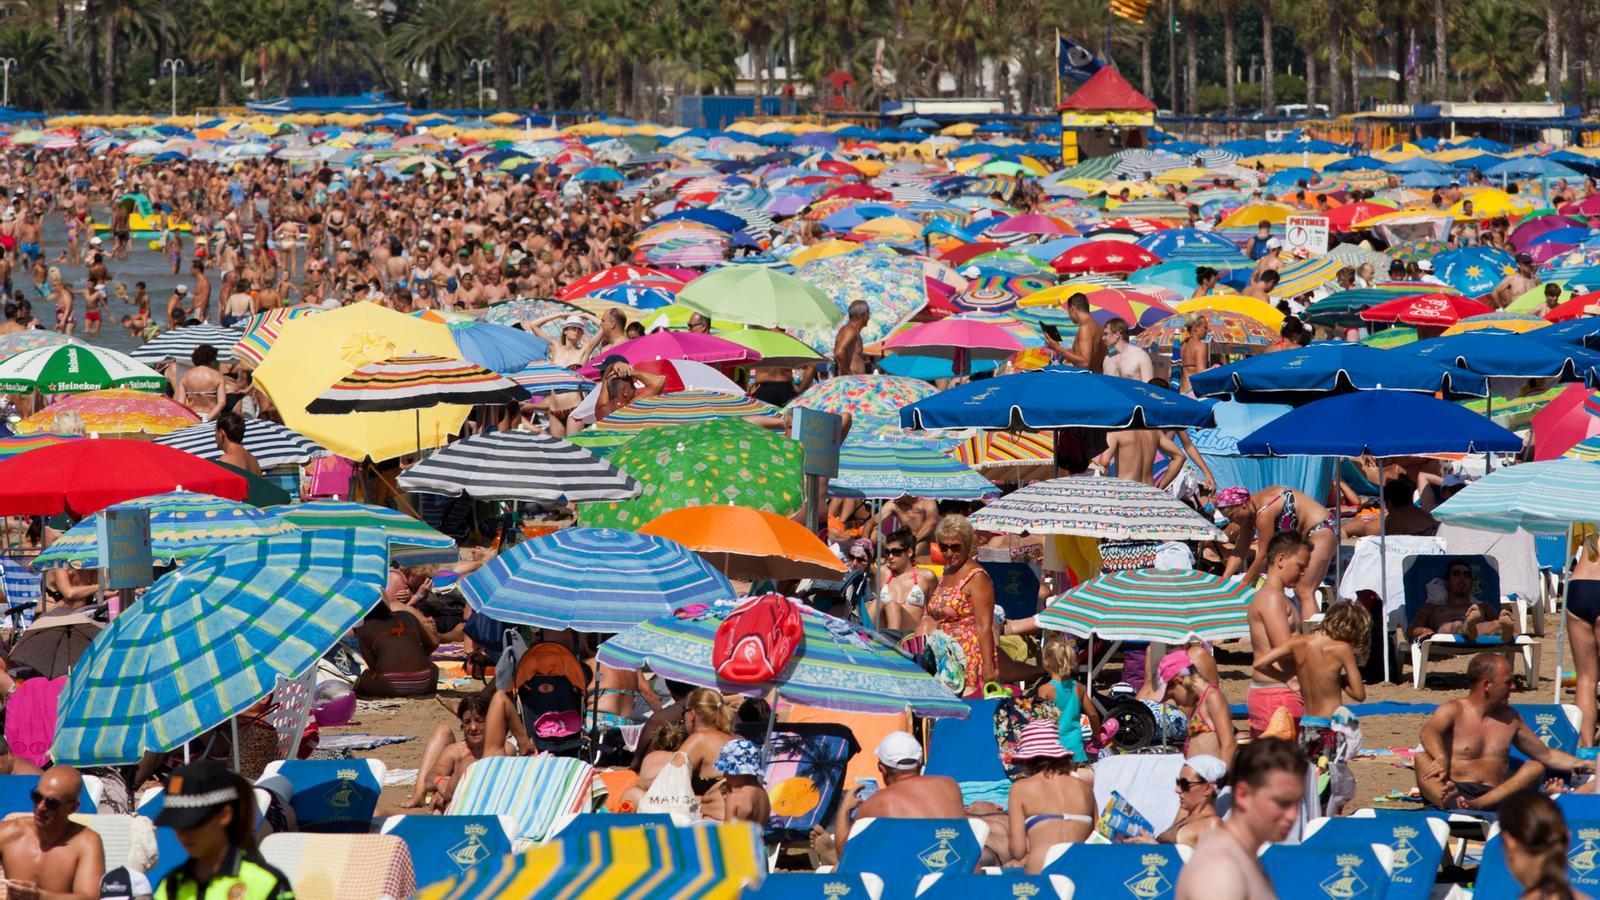 MÉS TURISTES ESTRANGERS AL JULIOL  L'augment de visitants estrangers al juliol ha compensat la caiguda del turisme de la resta de l'Estat, que està acusant molt la crisi. Tot i això, els turistes busquen allotjaments cada cop més econòmics i augmenten les opcions alternatives als hotels, com els apartaments turístics i els càmpings.